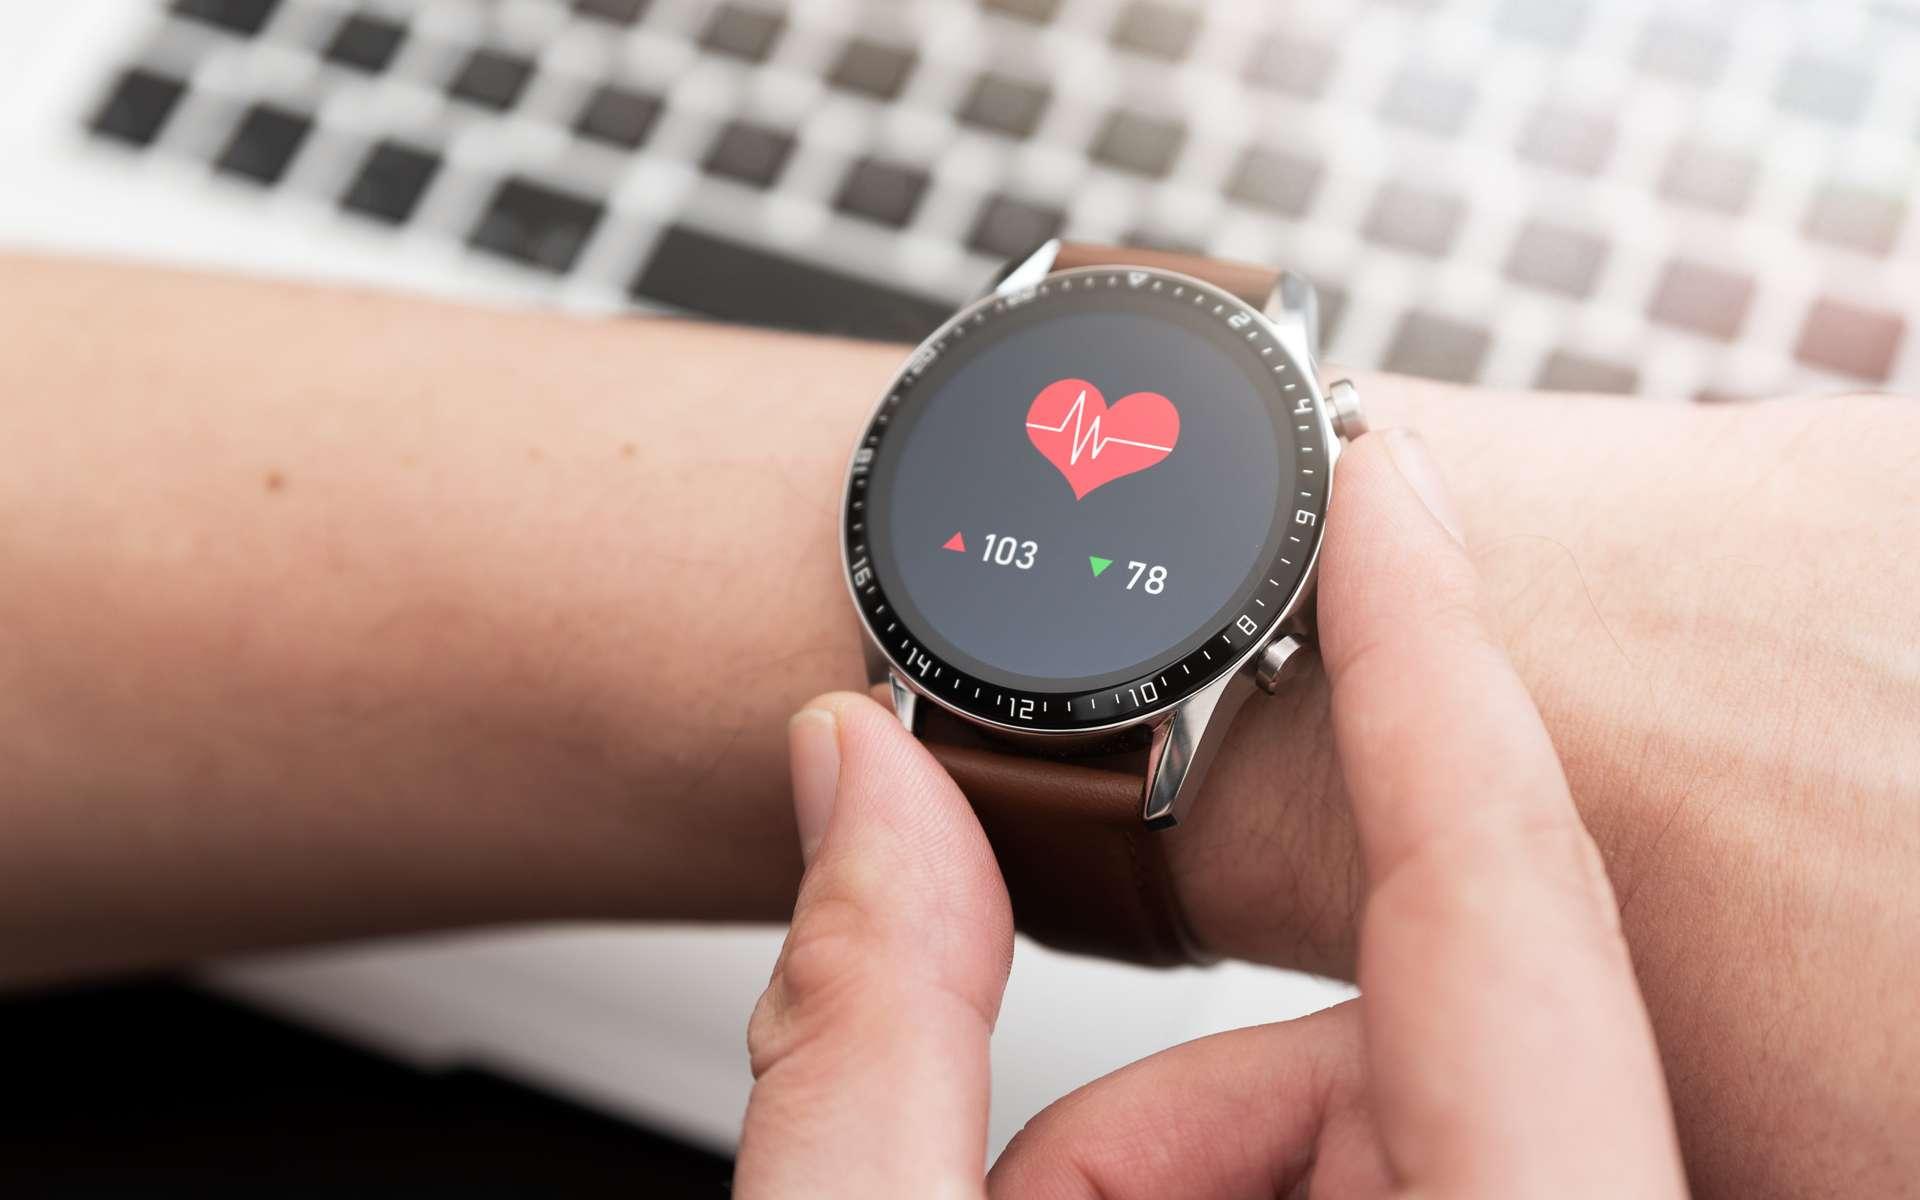 Les montres connectées sont aujourd'hui de véritables ordinateurs miniatures très sophistiqués. © Proxima Studio, Adobe Stock